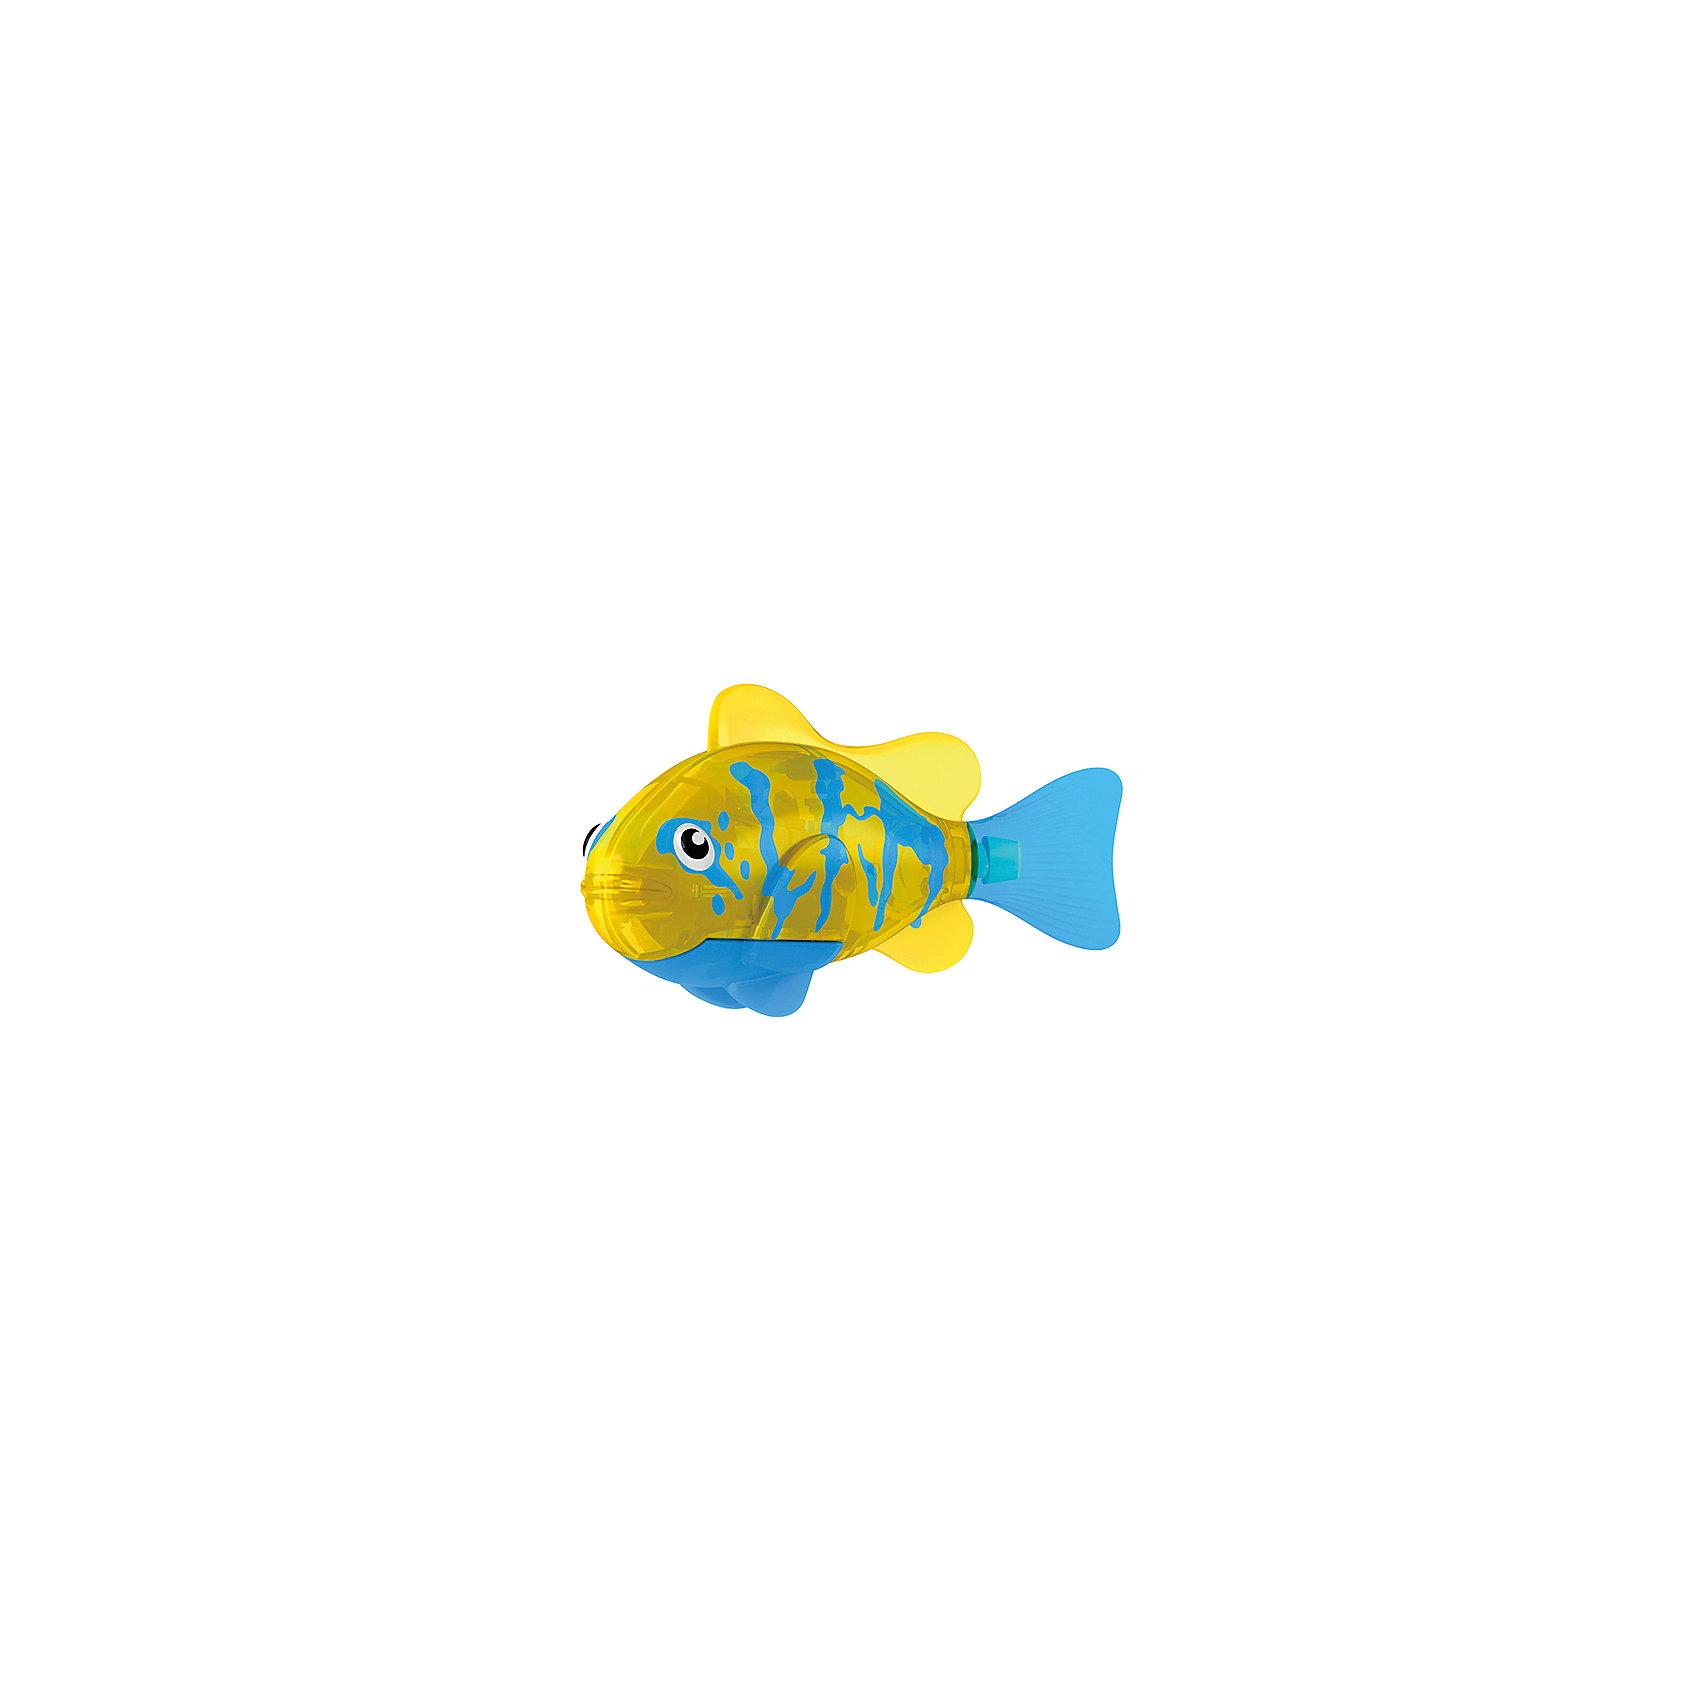 РобоРыбка Белогрудый хирург, RoboFishРоборыбки<br>Тропическая РобоРыбка Белогрудый хирург, ZURU (Зуру) – это высокотехнологичная инновационная игрушка, имитирующая повадки рыбы в воде.<br>Тропическая РобоРыбка (Robofish) Белогрудый хирург напоминает свою родственницу из теплых морей. Для РобоРыбки нужна только ёмкость с водой, и никакого ухода! Автоматический датчик, активирует рыбку в воде. Мягкий силиконовый хвост и электромагнитный мотор позволит ей двигаться в 5 различных направлениях: влево, вправо, вперед, вверх или вниз. Ультразвуковая герметизация на 100% защитит внутренности от проникновения воды. РобоРыбка повторяет повадки настоящих рыб: опускается на дно и всплывает на поверхность, сбивается в стаи с другими роборыбками, трется о стенки аквариума, меняет скорость движения, оплывает преграды. Внутри рыбки в крышке под батарейками находится специальный грузик, регулирующий глубину ее погружения. Для того, чтобы рыбка перестала двигаться нужно достать её из воды и насухо вытереть. Хранить РобоРыбку можно на специальной подставке, которая есть в комплекте. Игрушка выполнена из материалов абсолютно безопасных для здоровья.<br><br>Дополнительная информация:<br><br>- Возраст: для детей от 3 лет<br>- В комплекте: 1 рыбка, подставка, 4 батарейки (две установлены в игрушку и 2 запасные)<br>- Батарейки: тип RL44(A76)<br>- Размер рыбки: 7,5 x 2,0 x 3,5 см.<br>- Материал: пластик с элементами металла и резины<br>- Вес в упаковке: 72 г.<br>- Размер упаковки: 20 x 6,5 x 5 см..<br><br>Тропическая РобоРыбка (Робофиш) Белогрудый хирург, ZURU (Зуру) - заведите себе аквариум, обитатели которого порадуют и развлекут Вас своими забавными повадками и при этом совсем не потребуют никакого ухода!<br><br>Тропическую РобоРыбку Белогрудый хирург, ZURU (Зуру) можно купить в нашем интернет-магазине.<br><br>Ширина мм: 435<br>Глубина мм: 240<br>Высота мм: 405<br>Вес г: 216<br>Возраст от месяцев: 48<br>Возраст до месяцев: 96<br>Пол: Мужской<br>Возраст: Детский<br>SKU: 3609990